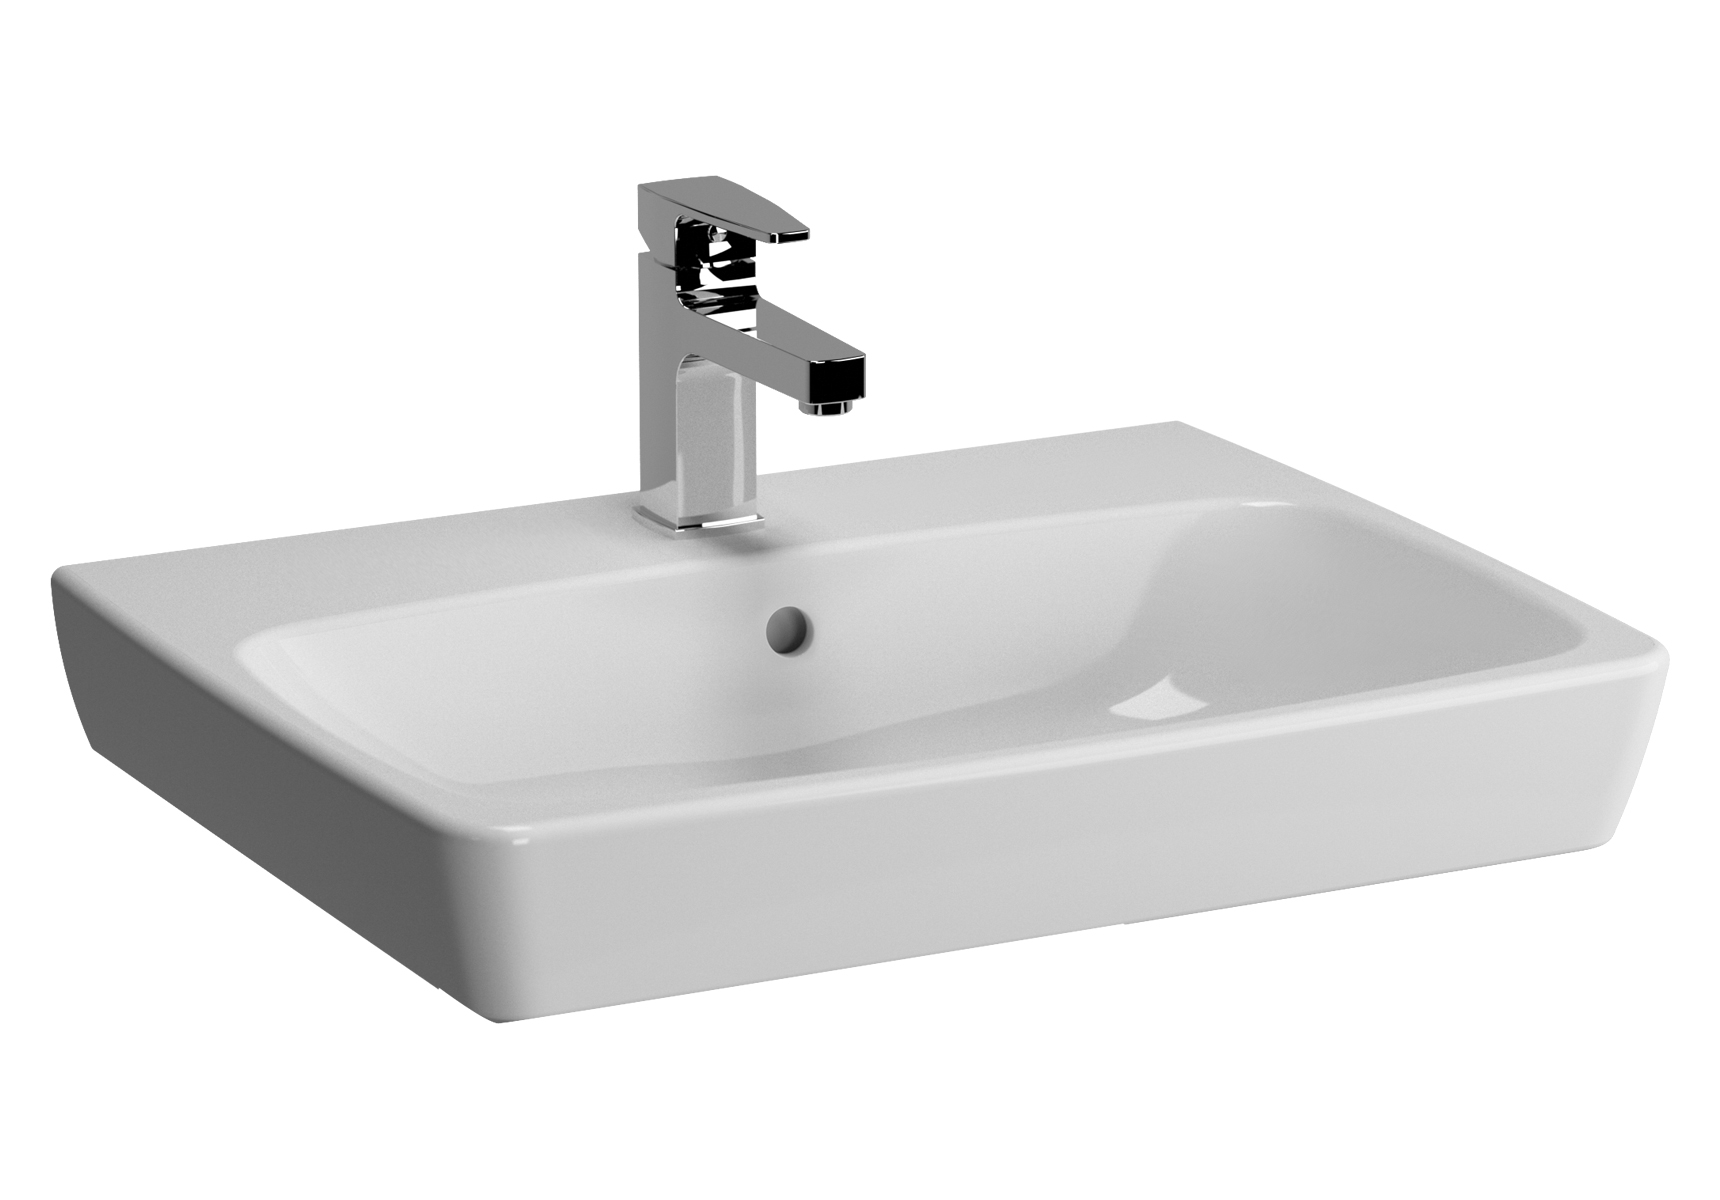 Metropole lavabo, 60 cm, 1 trou de robinet central, sans trop-plein